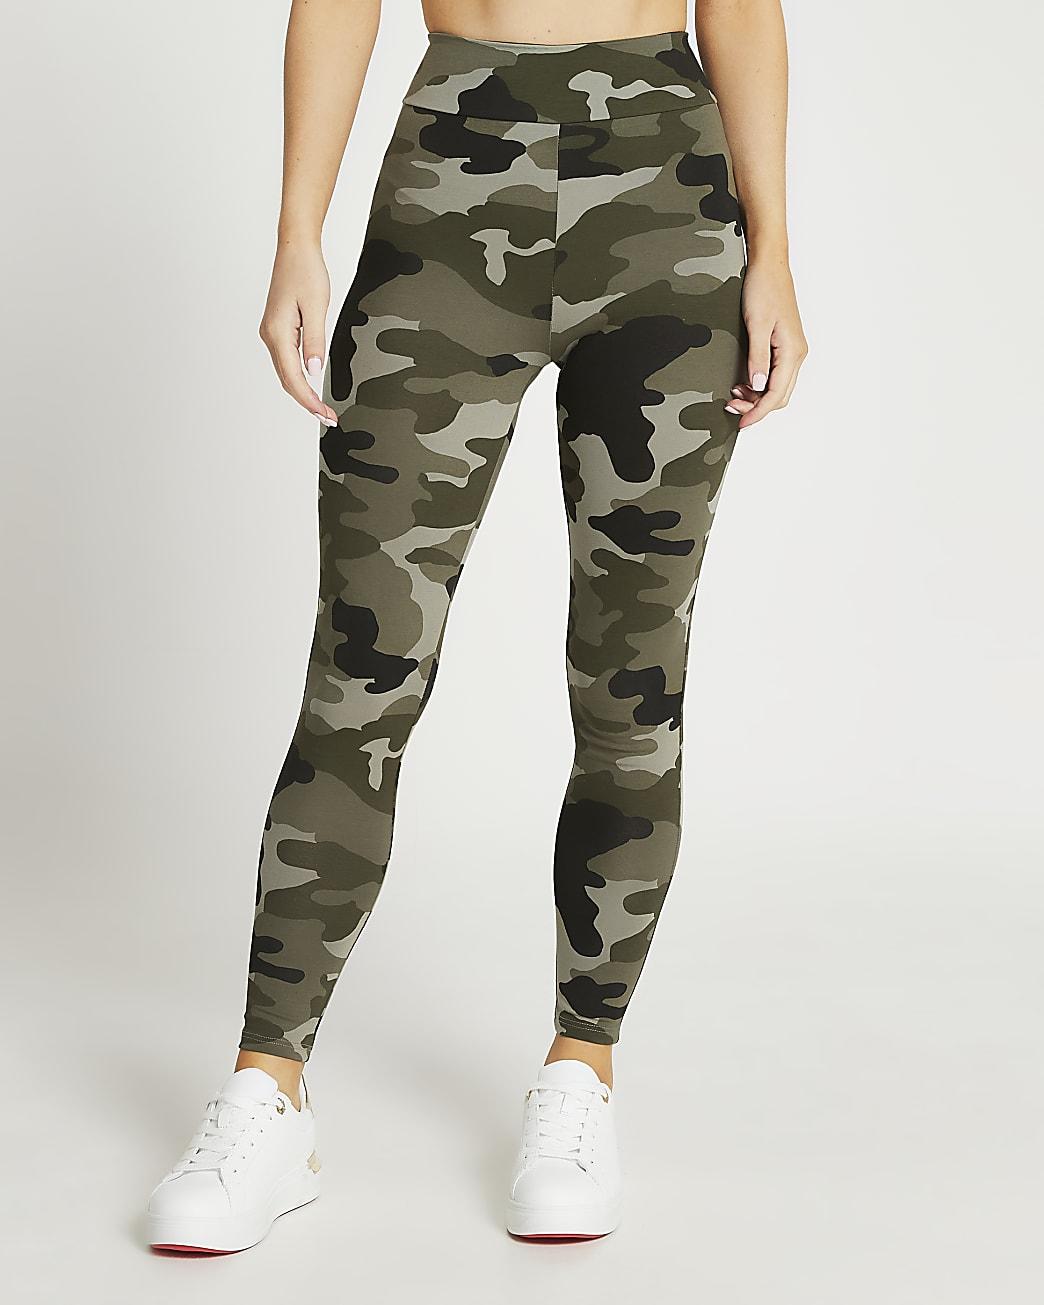 Petite khaki high waisted camo leggings